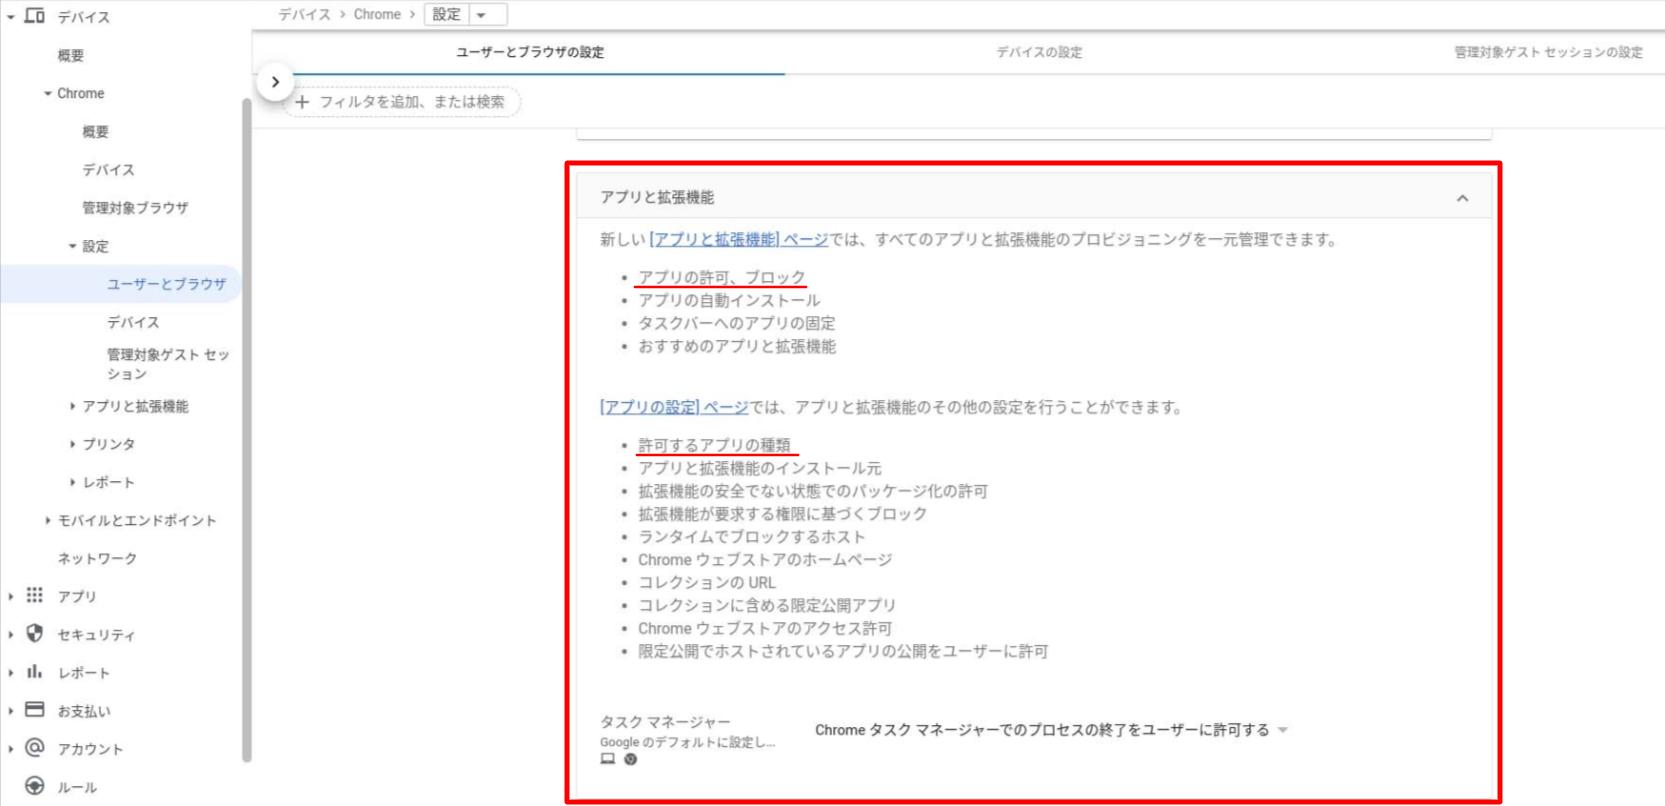 組織で使う Chrome OS のメリット、デメリットとは04